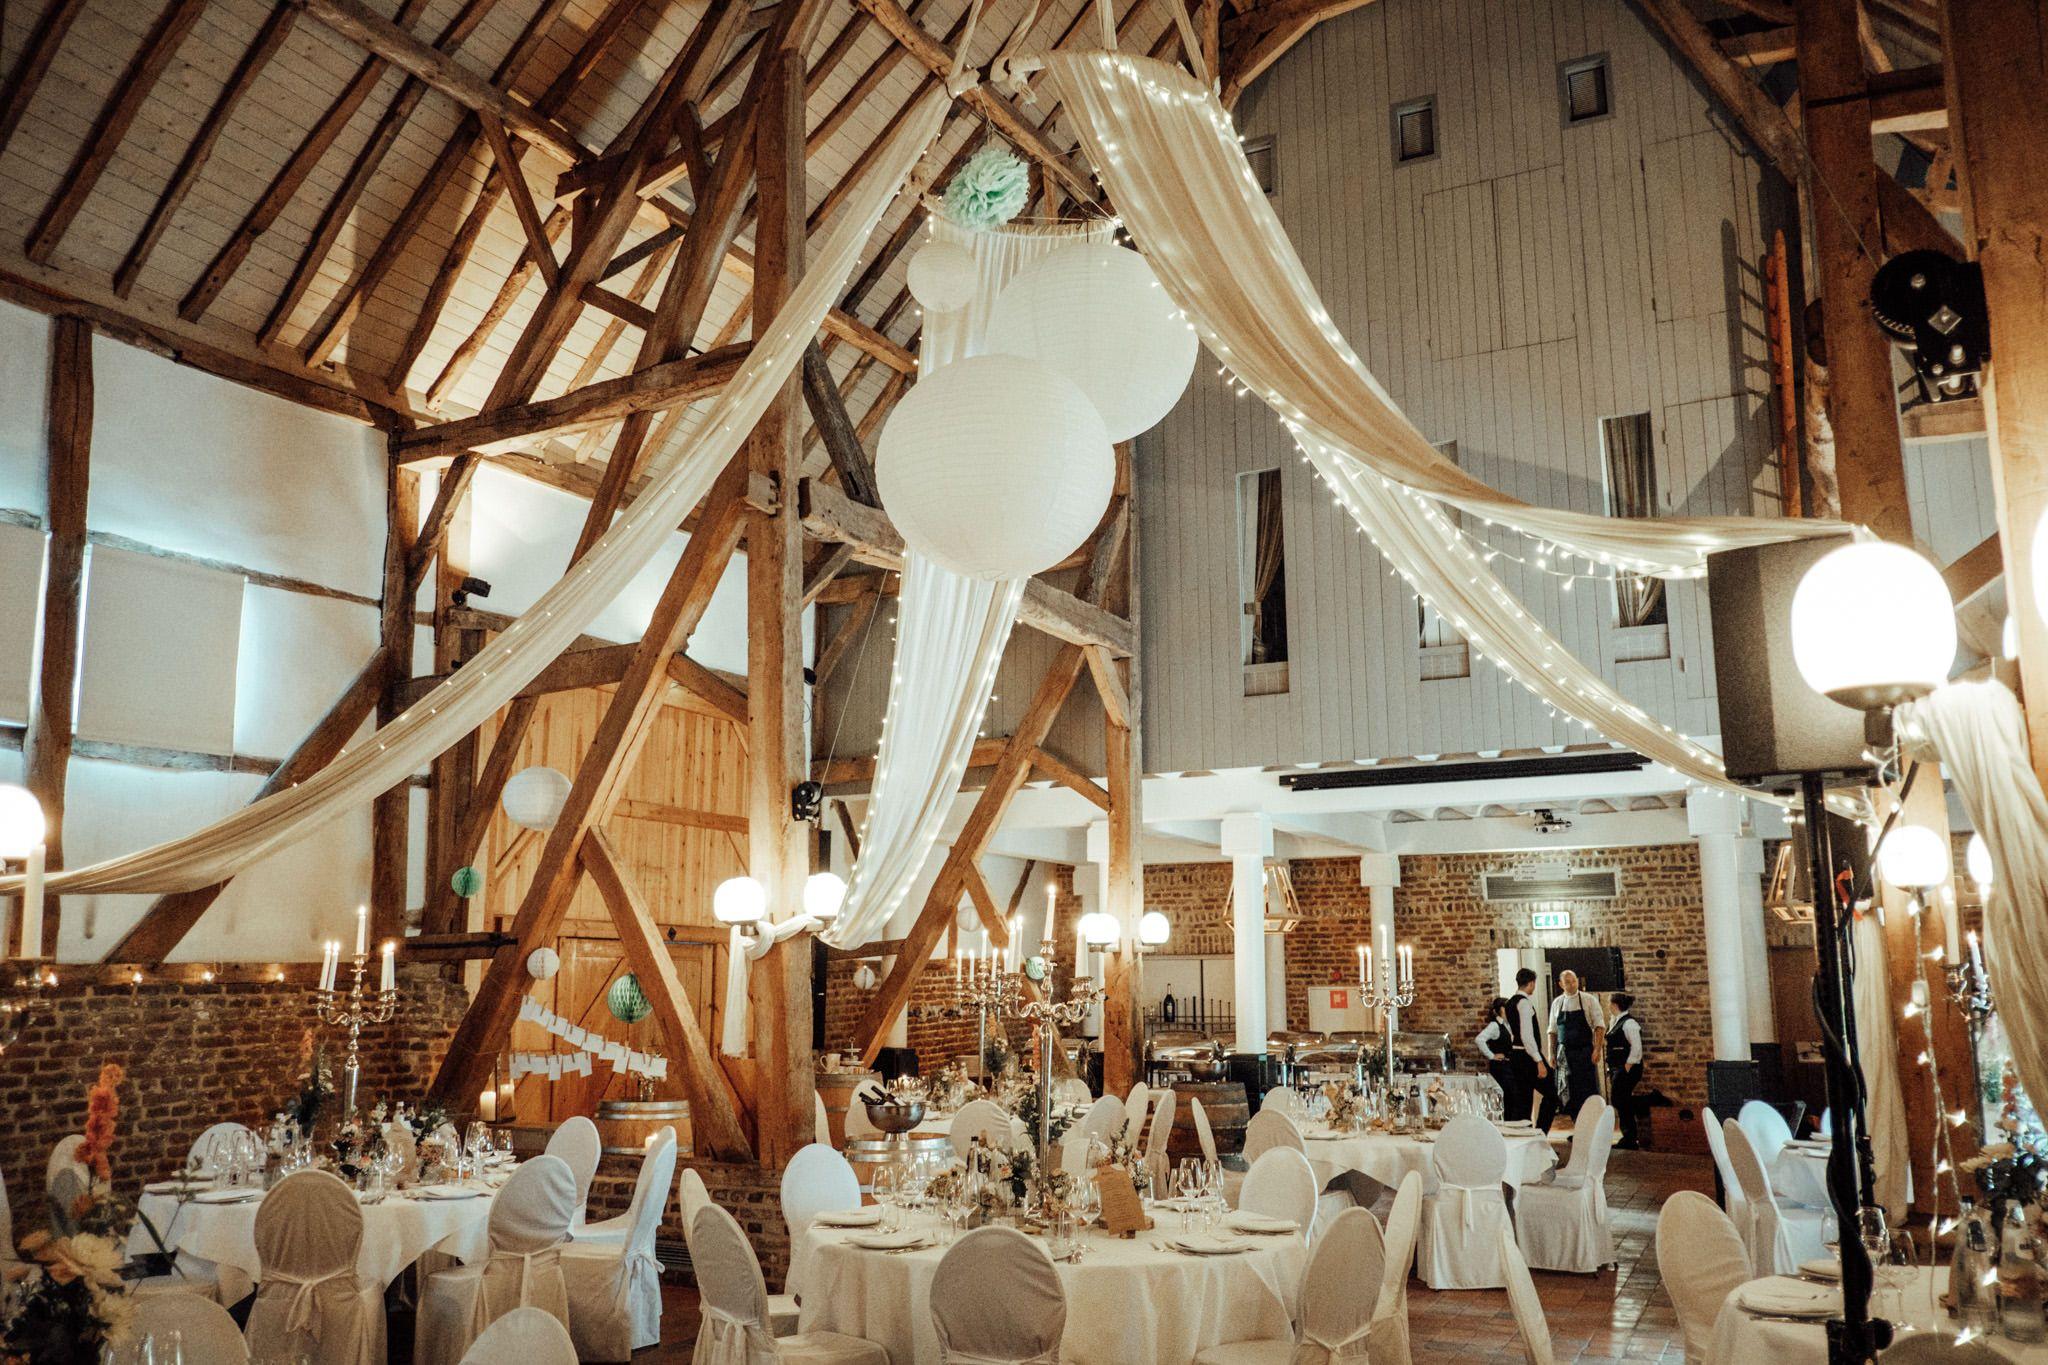 Hochzeit feiern in einer wunderschn rustikalen alten Scheune in der Euregio im Raum Aachen